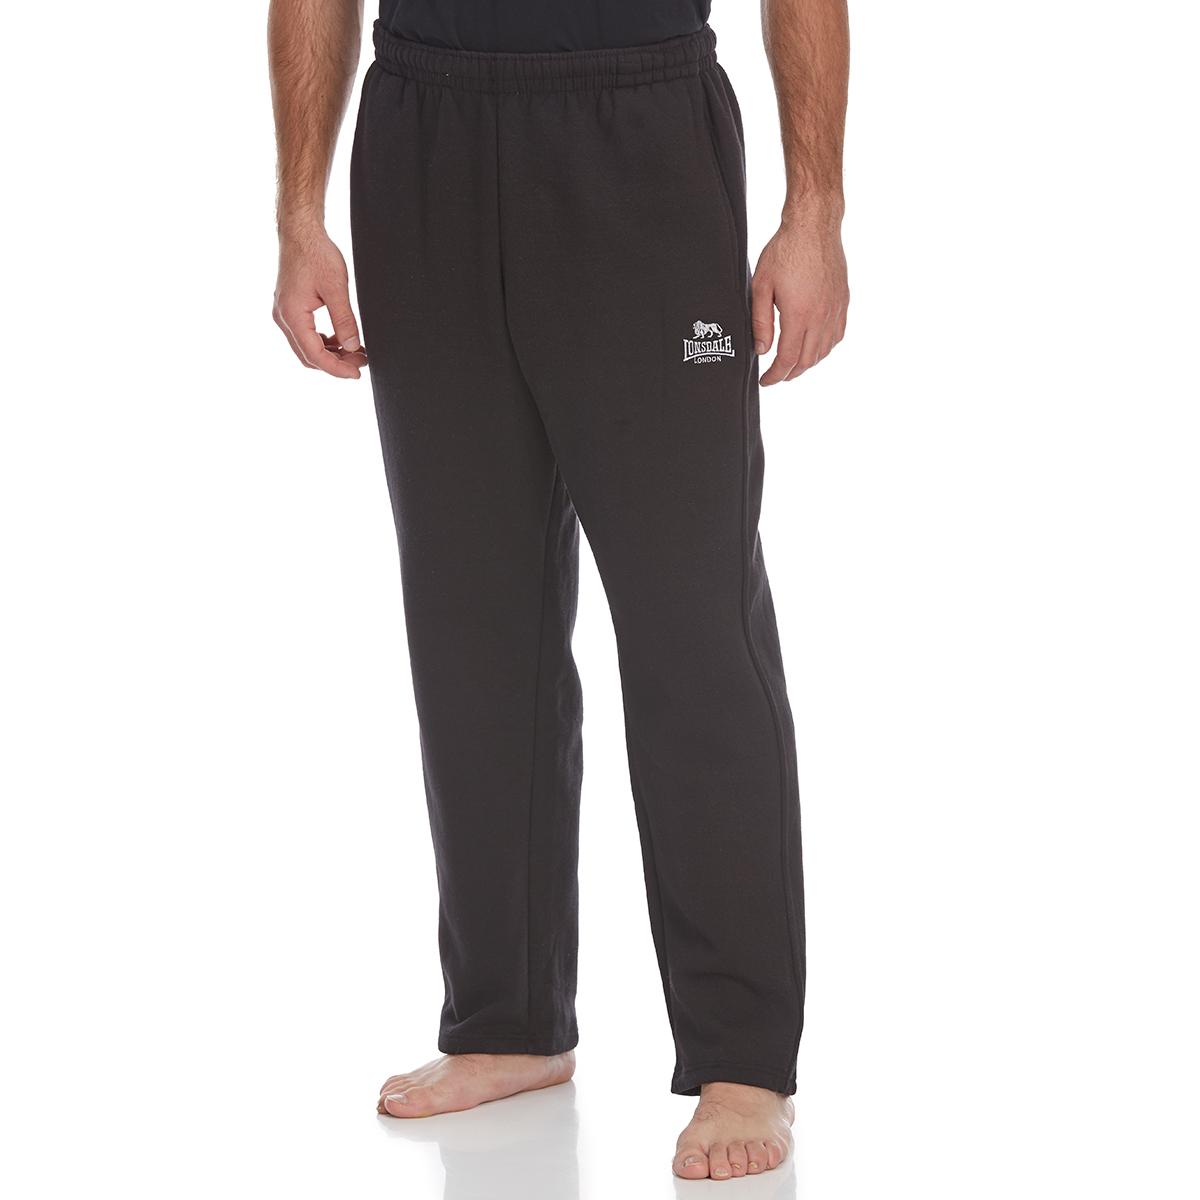 Lonsdale Men's Open-Hem Fleece Pants - Black, XL